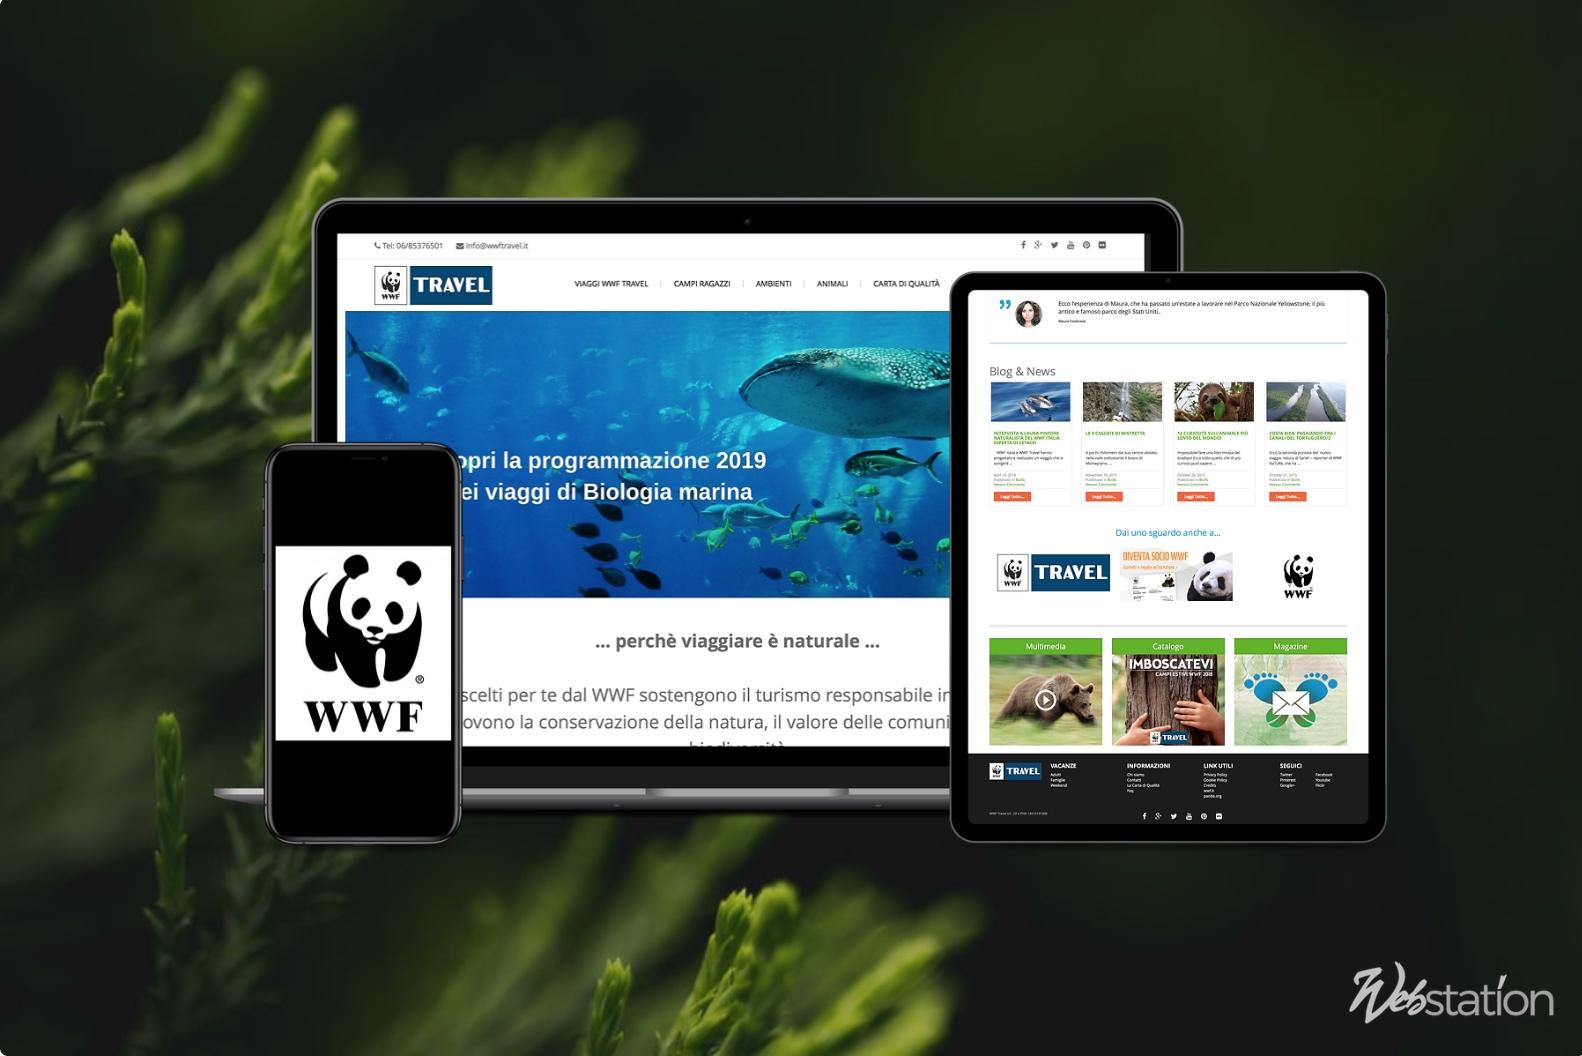 Sito web organizzazione associazione wwf